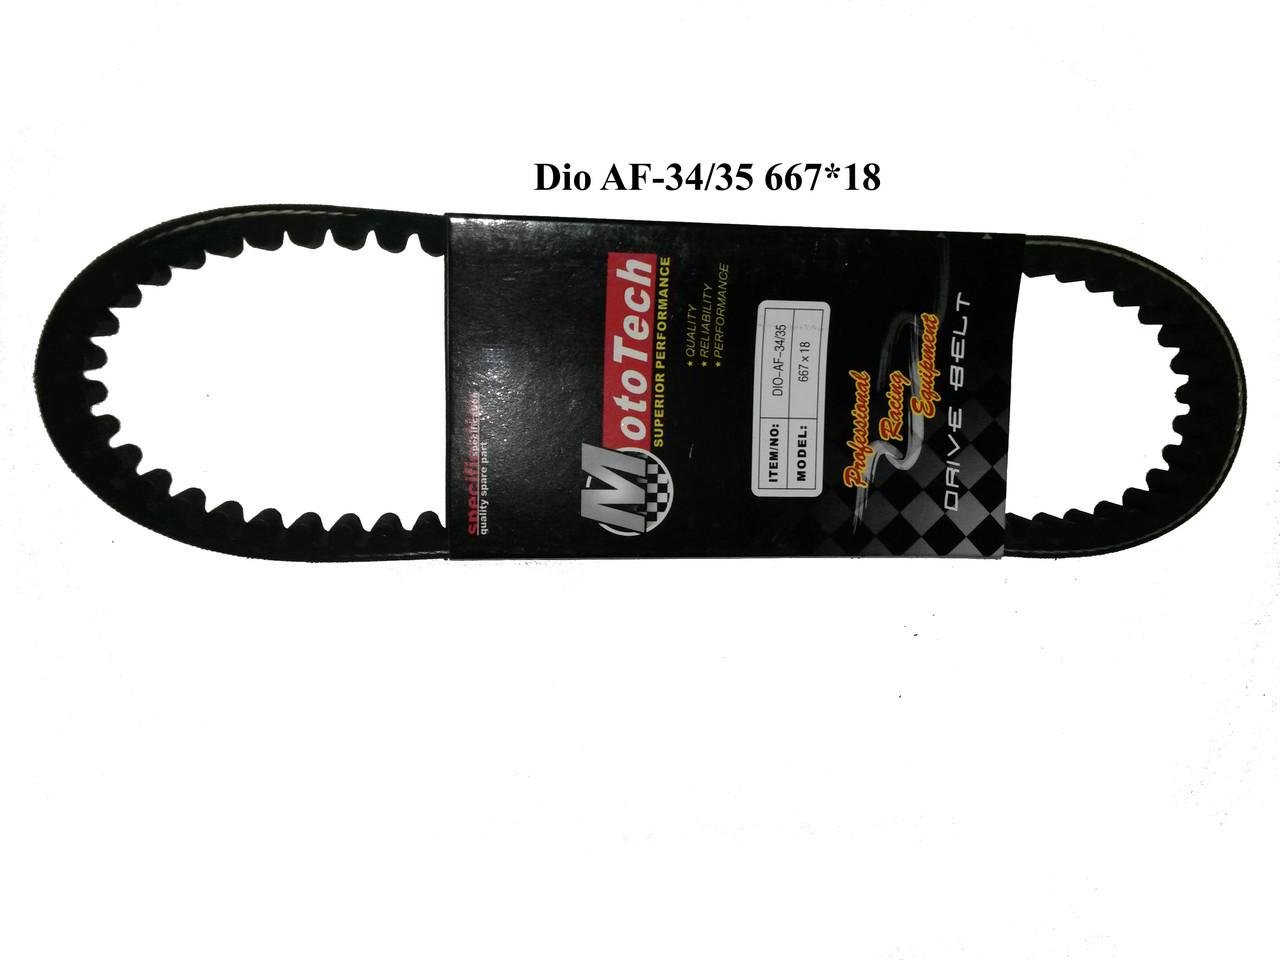 Ремень вариатора 667*18 Honda DIO AF-34/35 Mototech